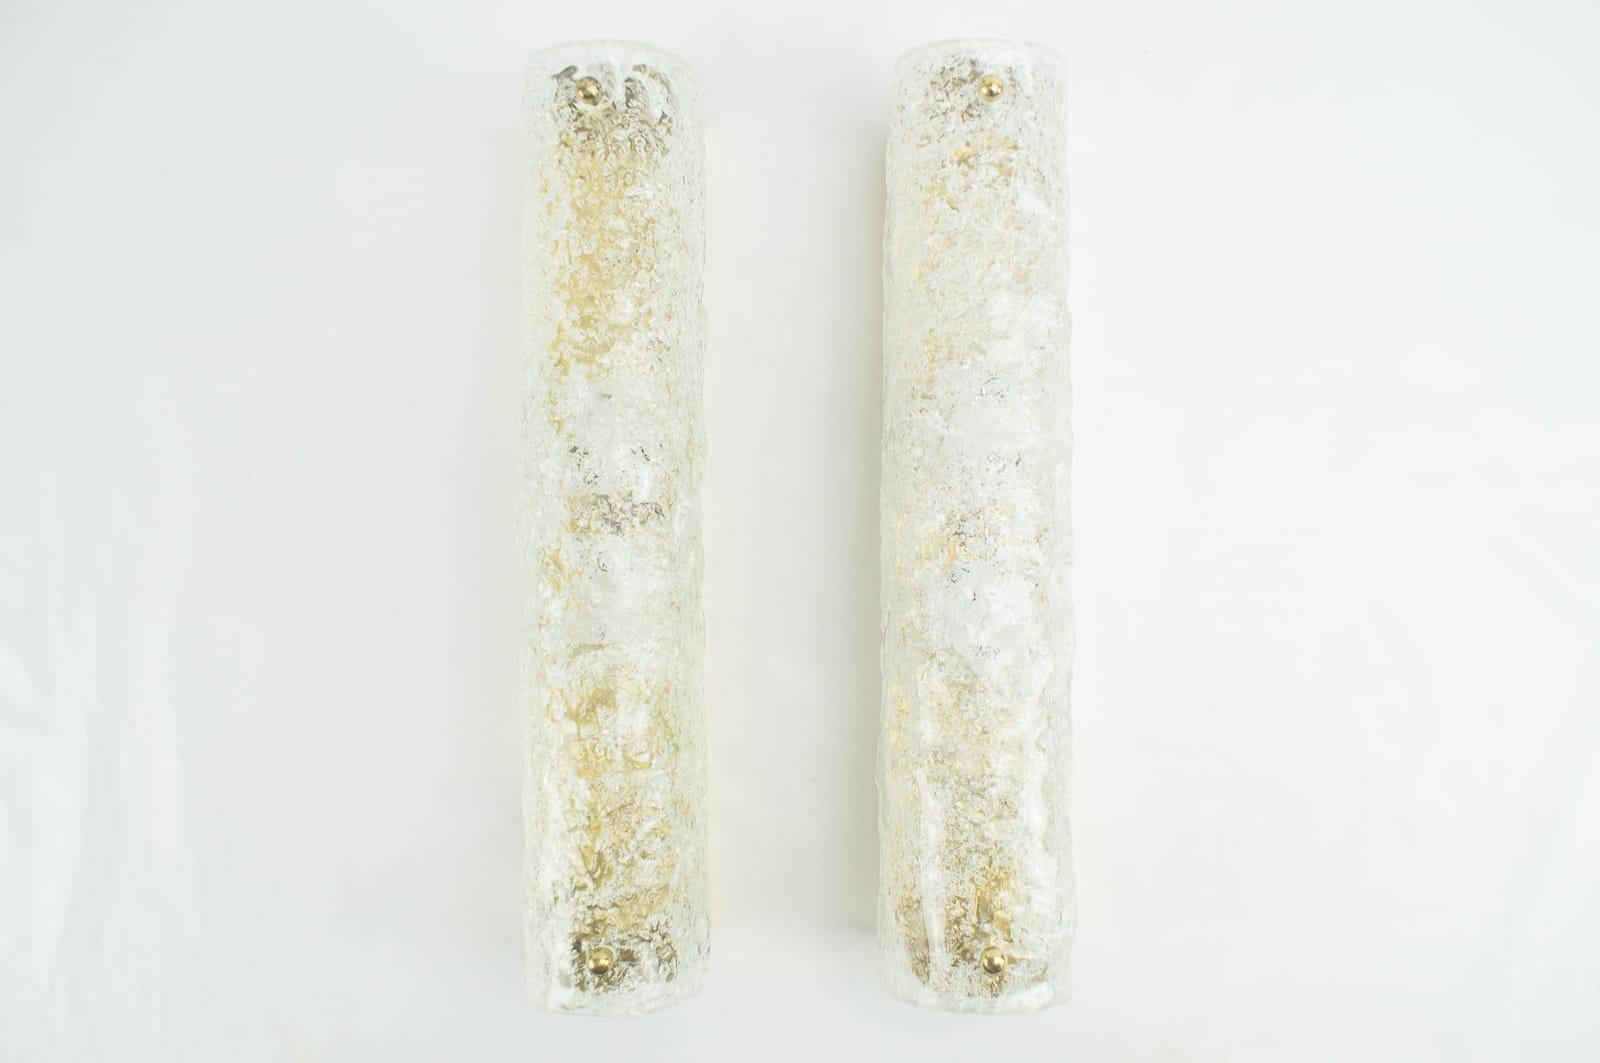 Röhrenförmige Wandleuchten aus Messing und Eisglas von Hillebrand, 196...